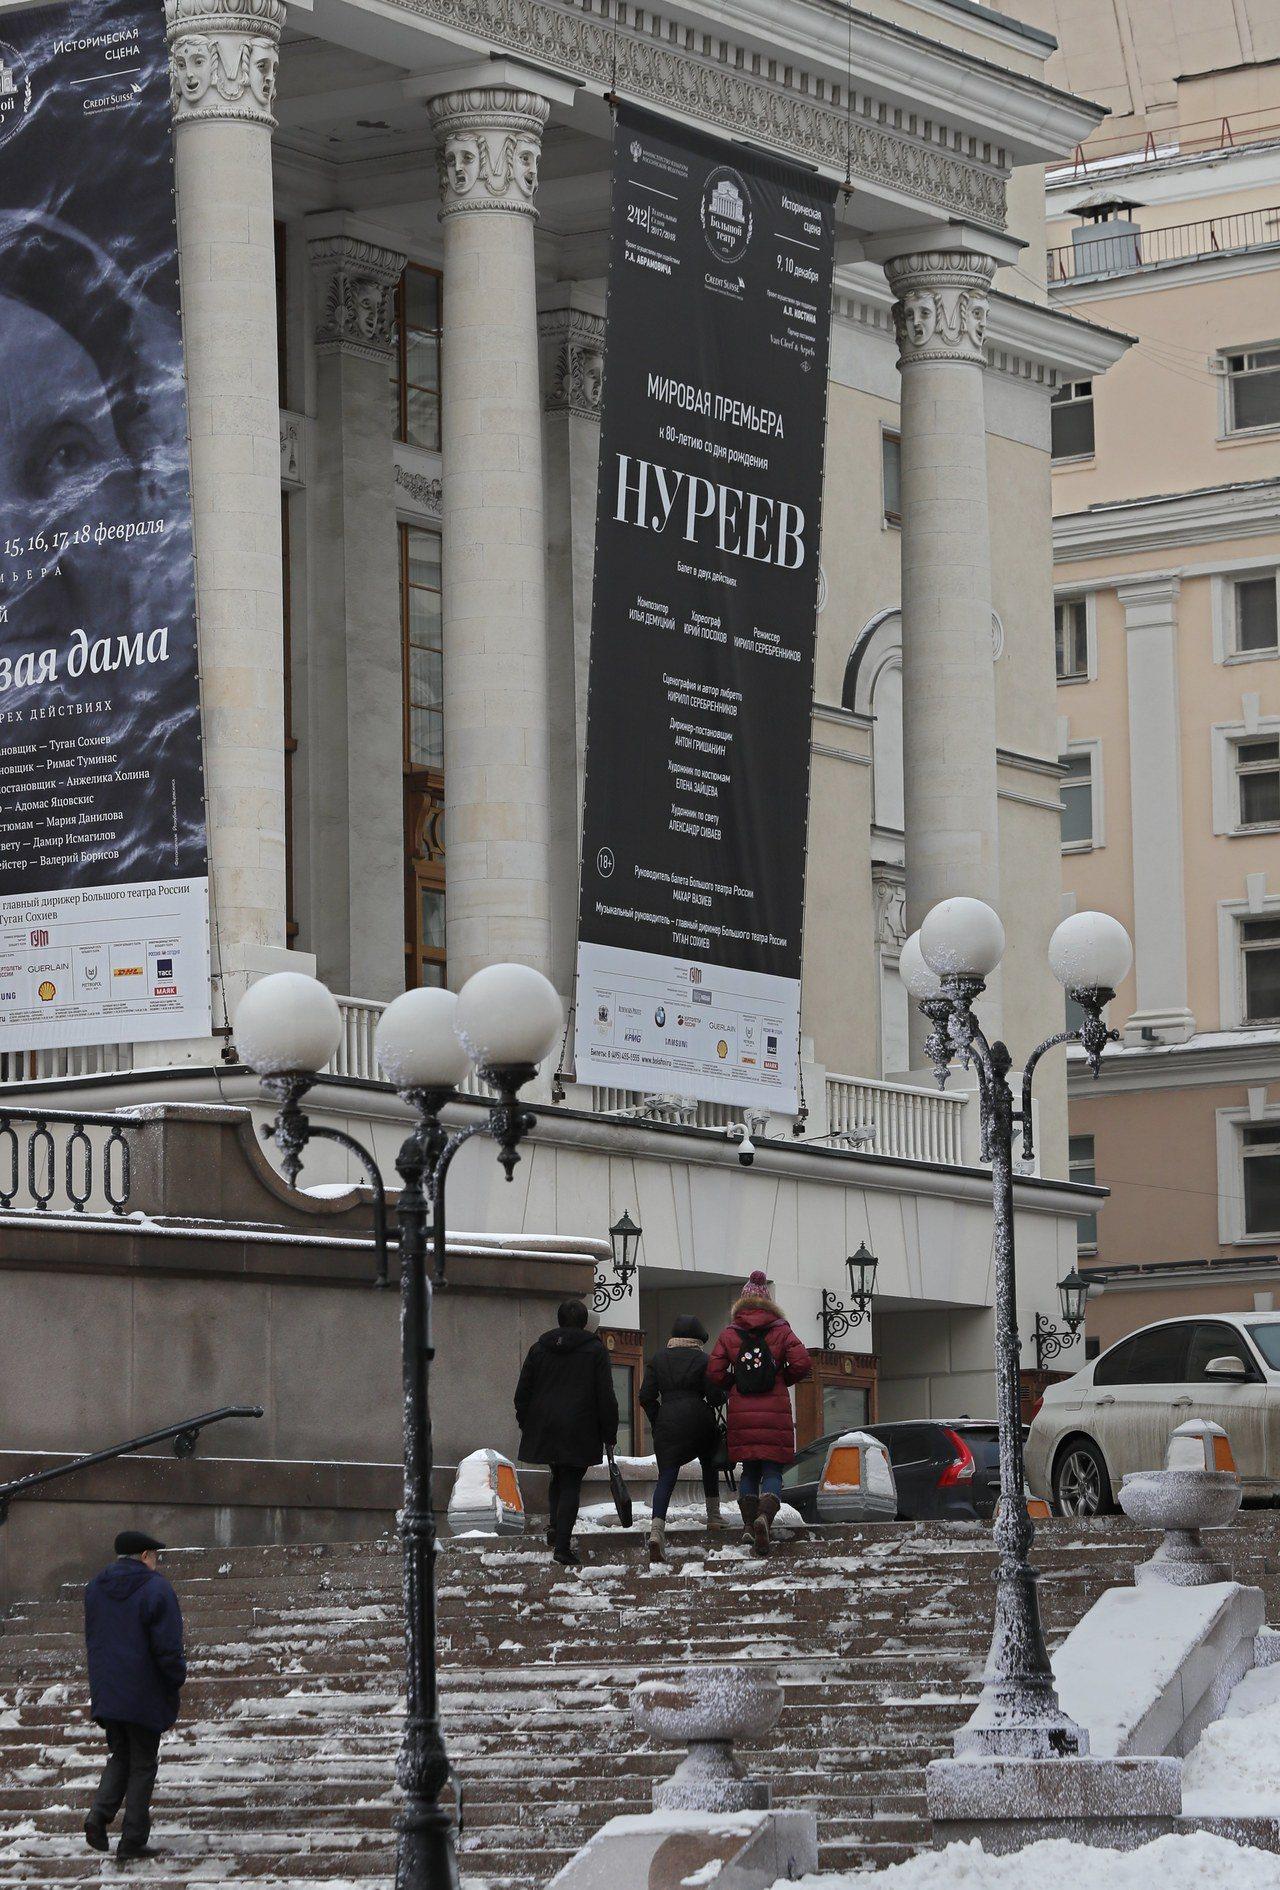 俄爭議同性舞劇「紐瑞耶夫」首演,導演仍遭軟禁。 歐新社